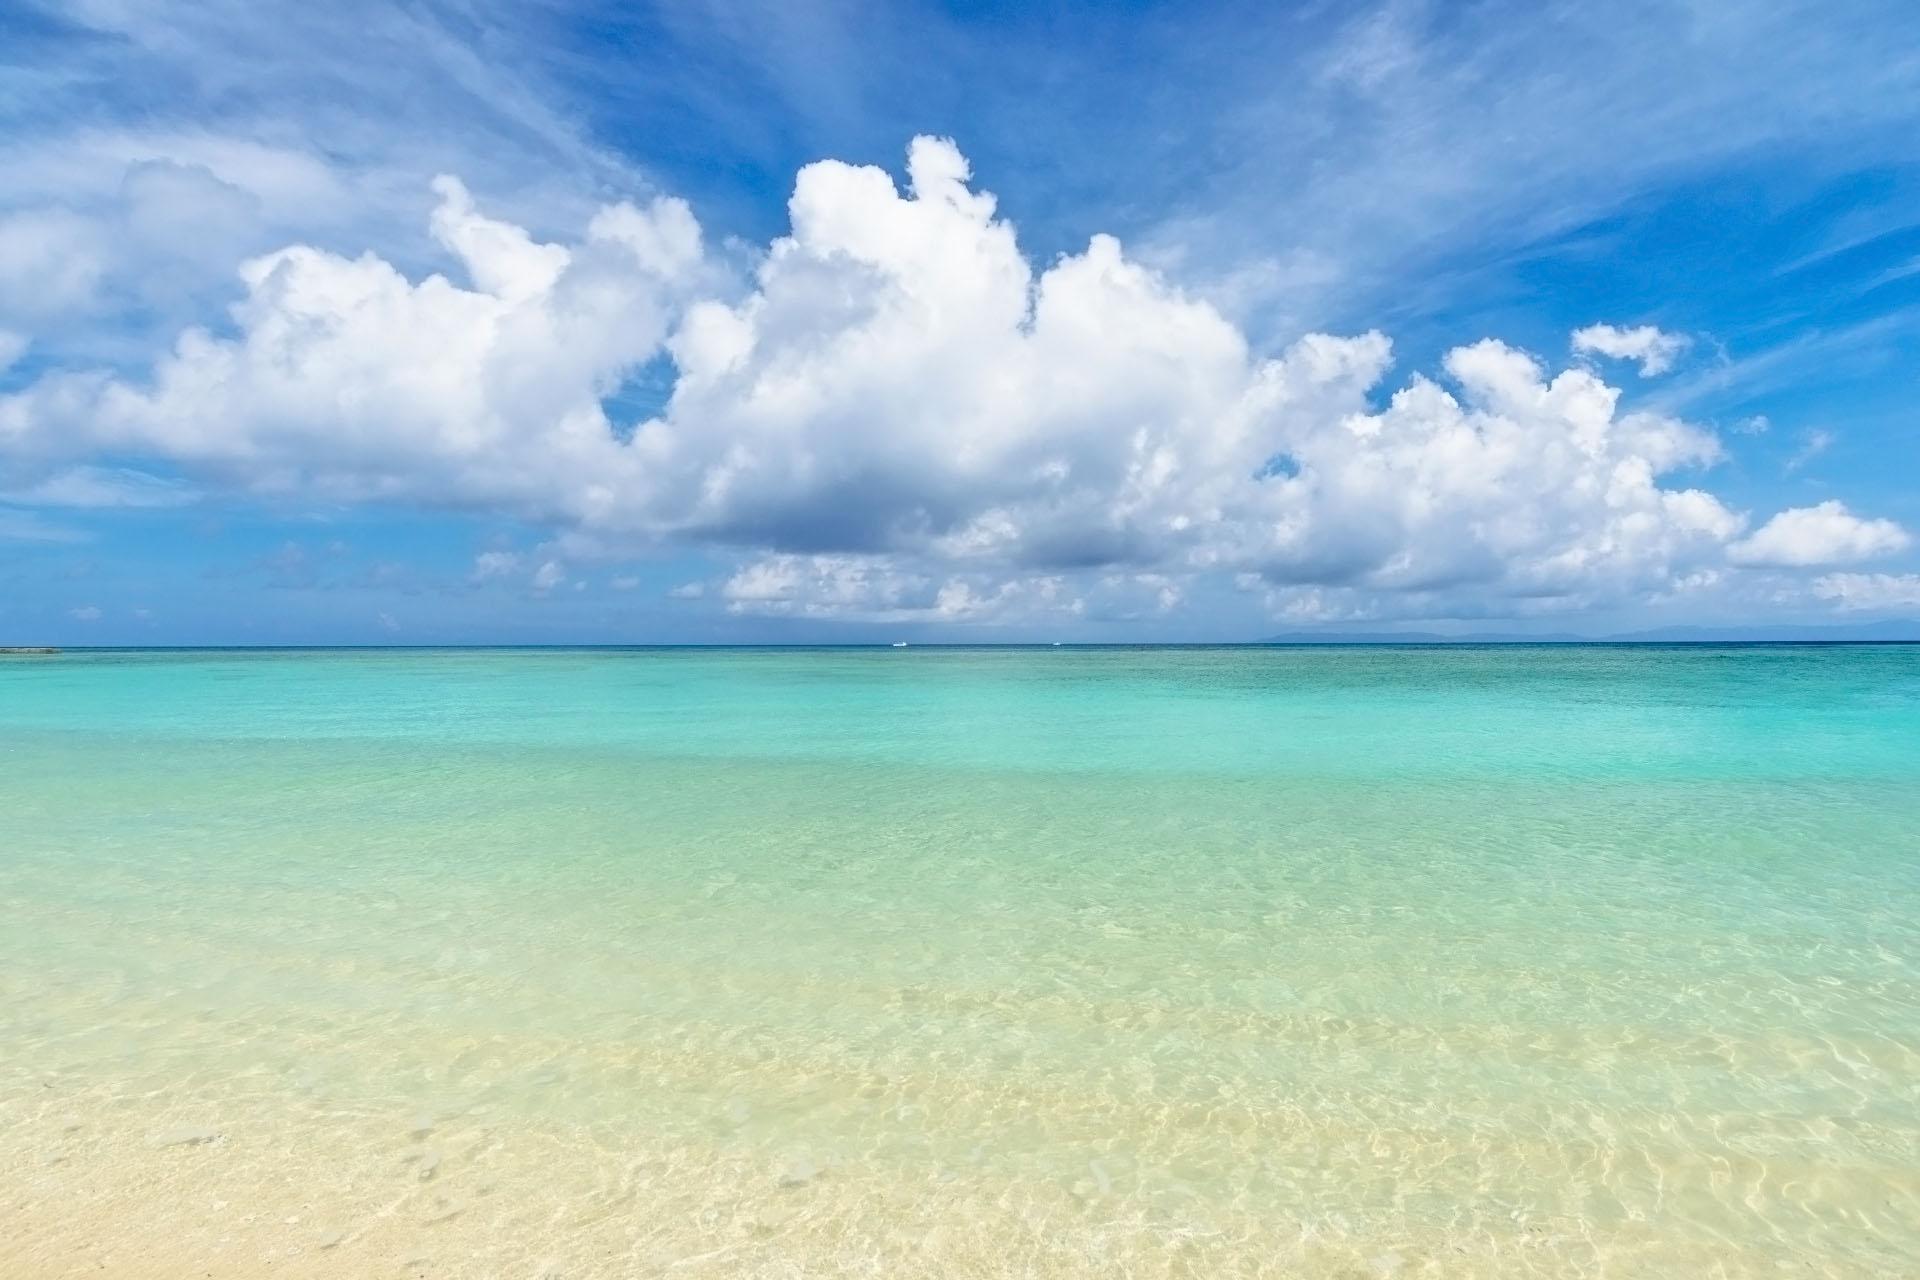 波照間島ニシ浜の風景 沖縄の風景